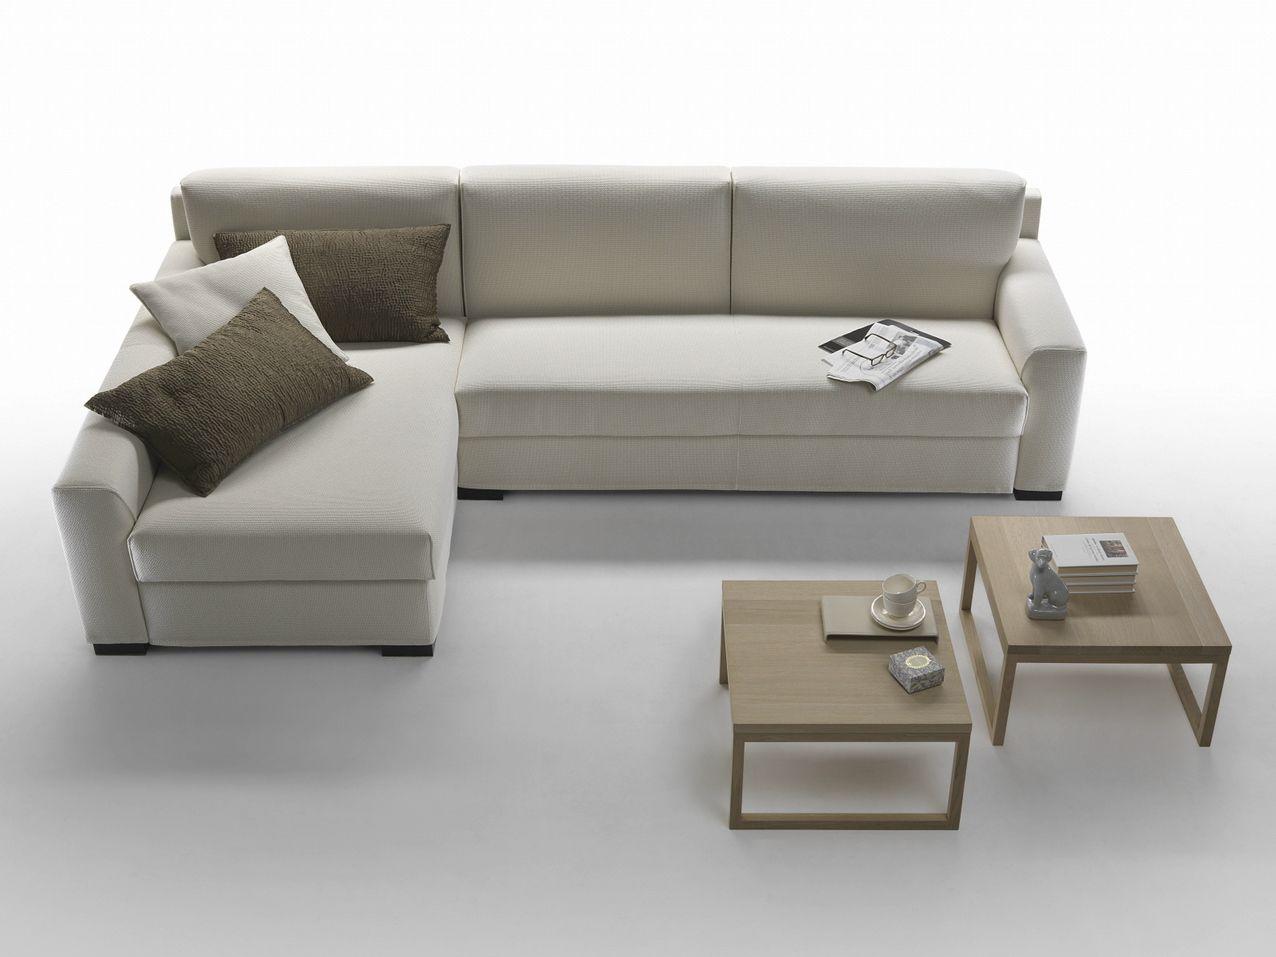 Divano angolare letto idee per il design della casa - Divano letto angolare ...